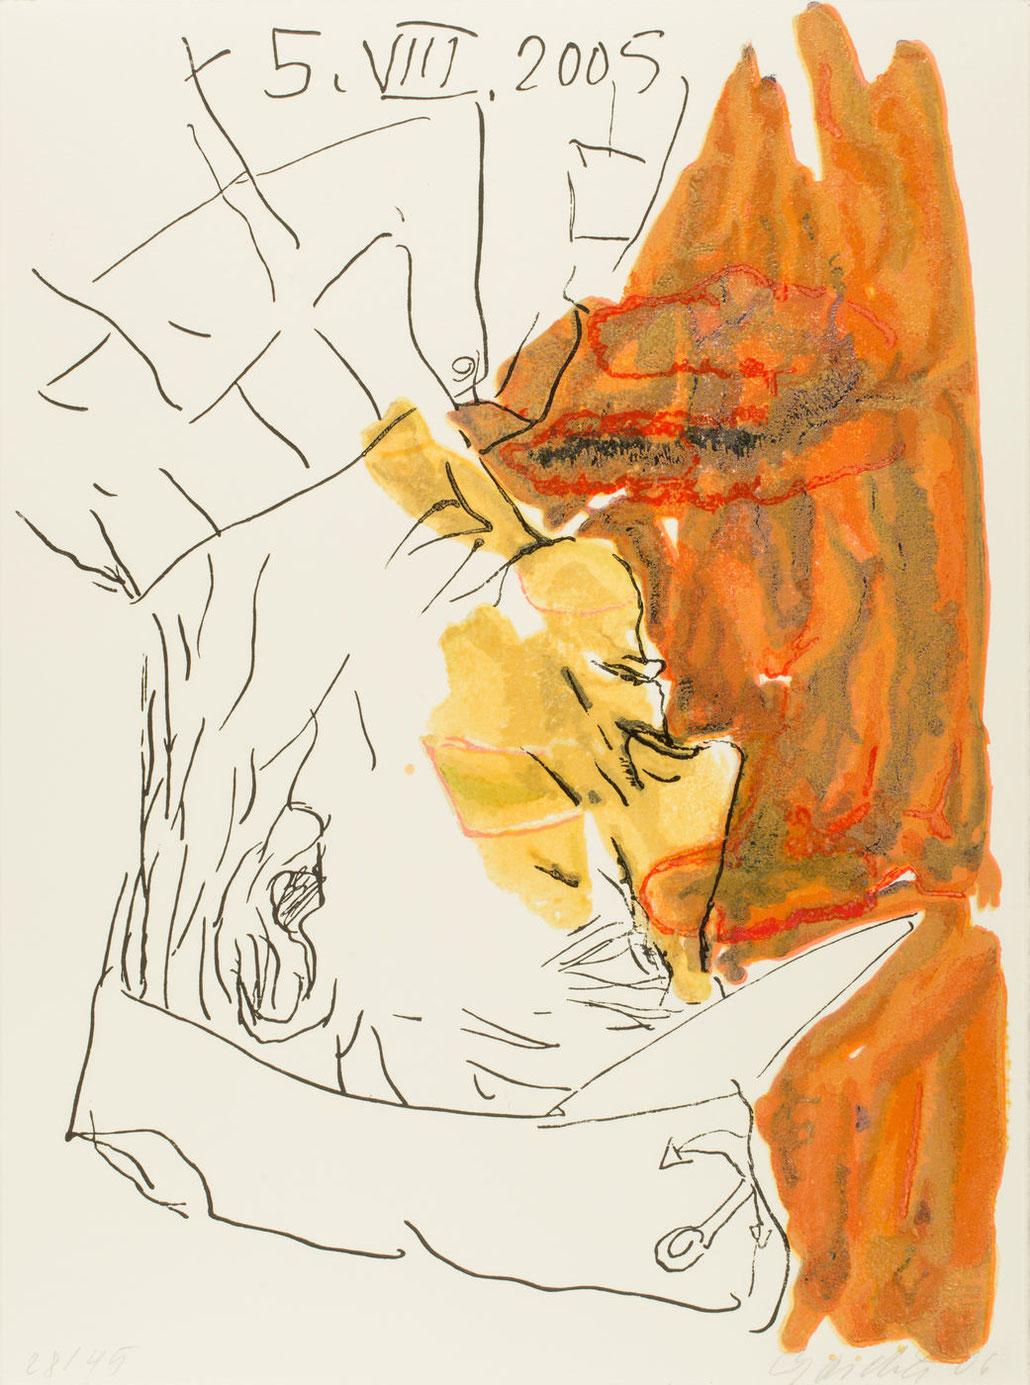 Georg Baselitz Edition Imperia Holzschnitt woodcut